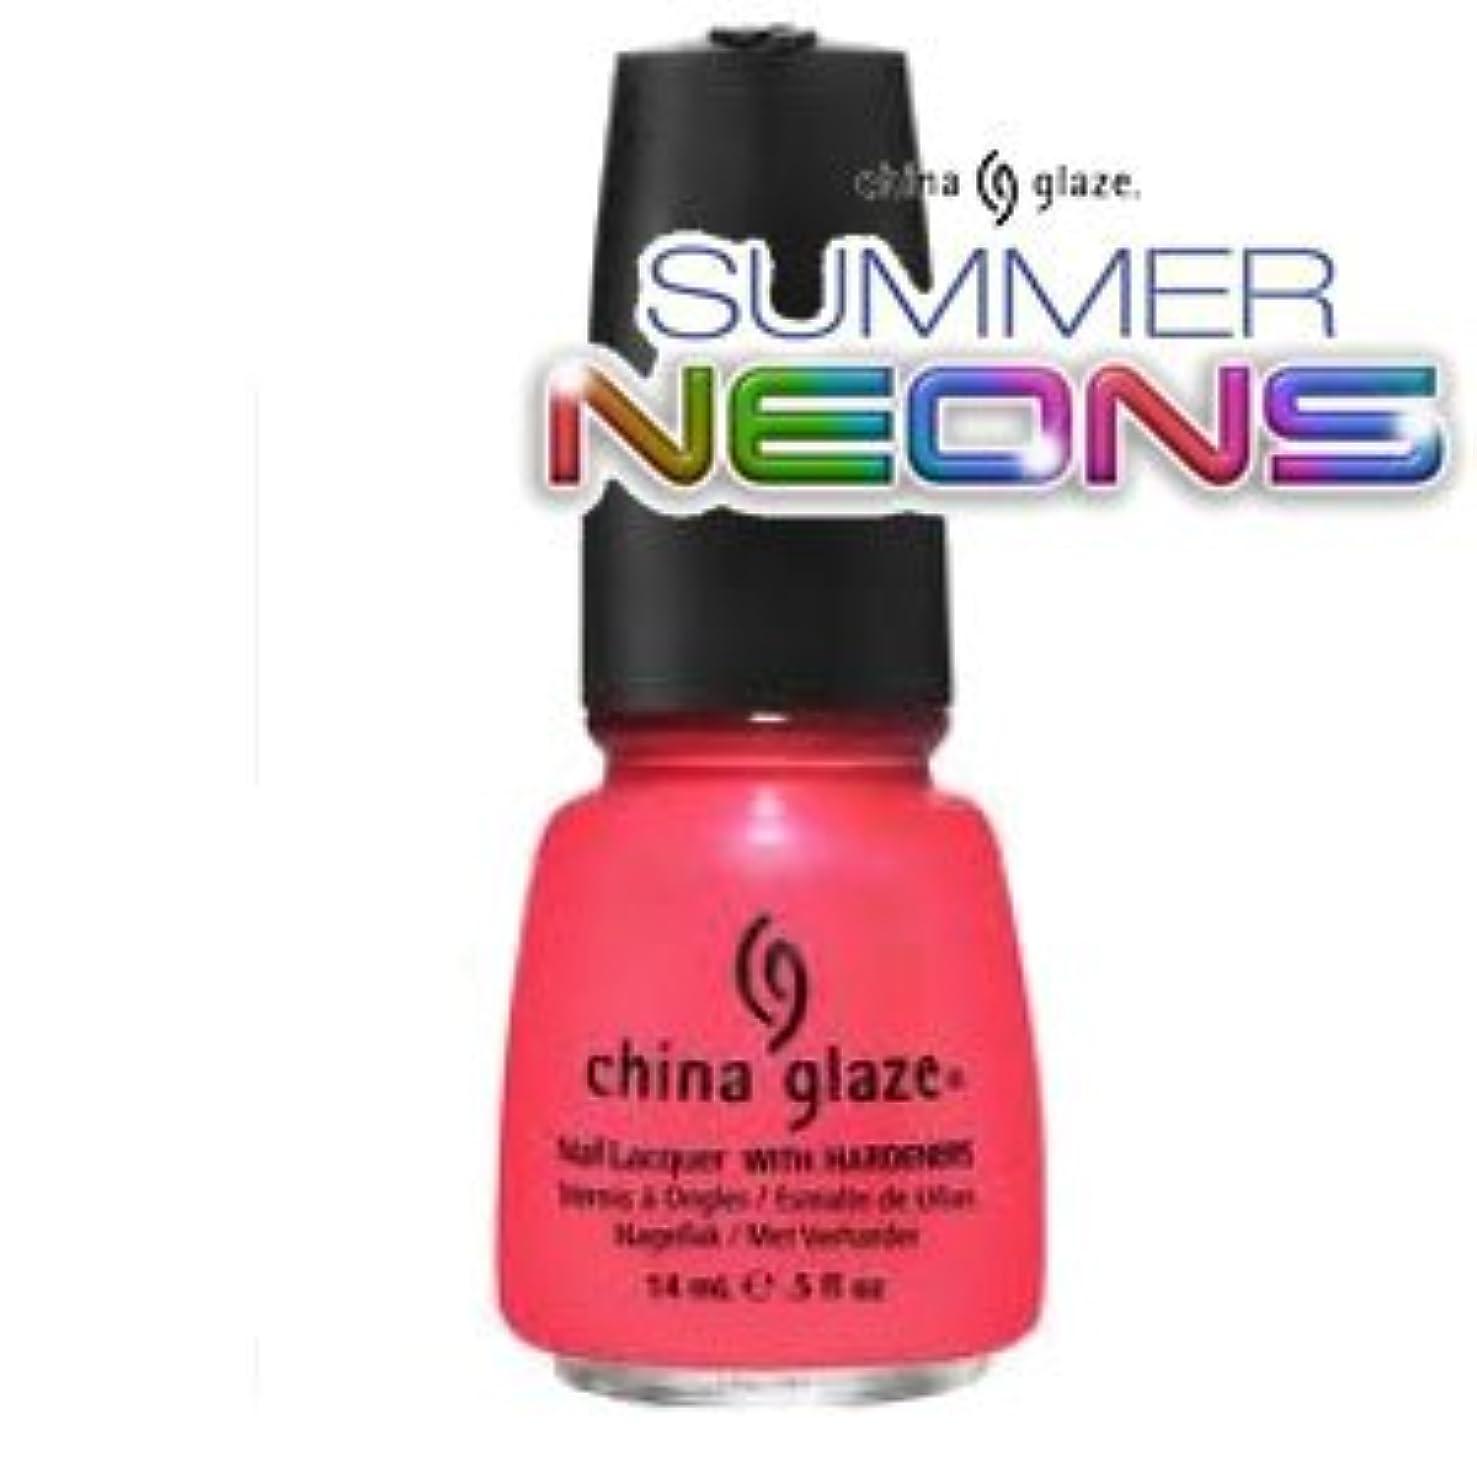 学者失礼なミネラル(チャイナグレイズ)China Glaze Flirty Tankiniーサマーネオン コレクション [海外直送品][並行輸入品]